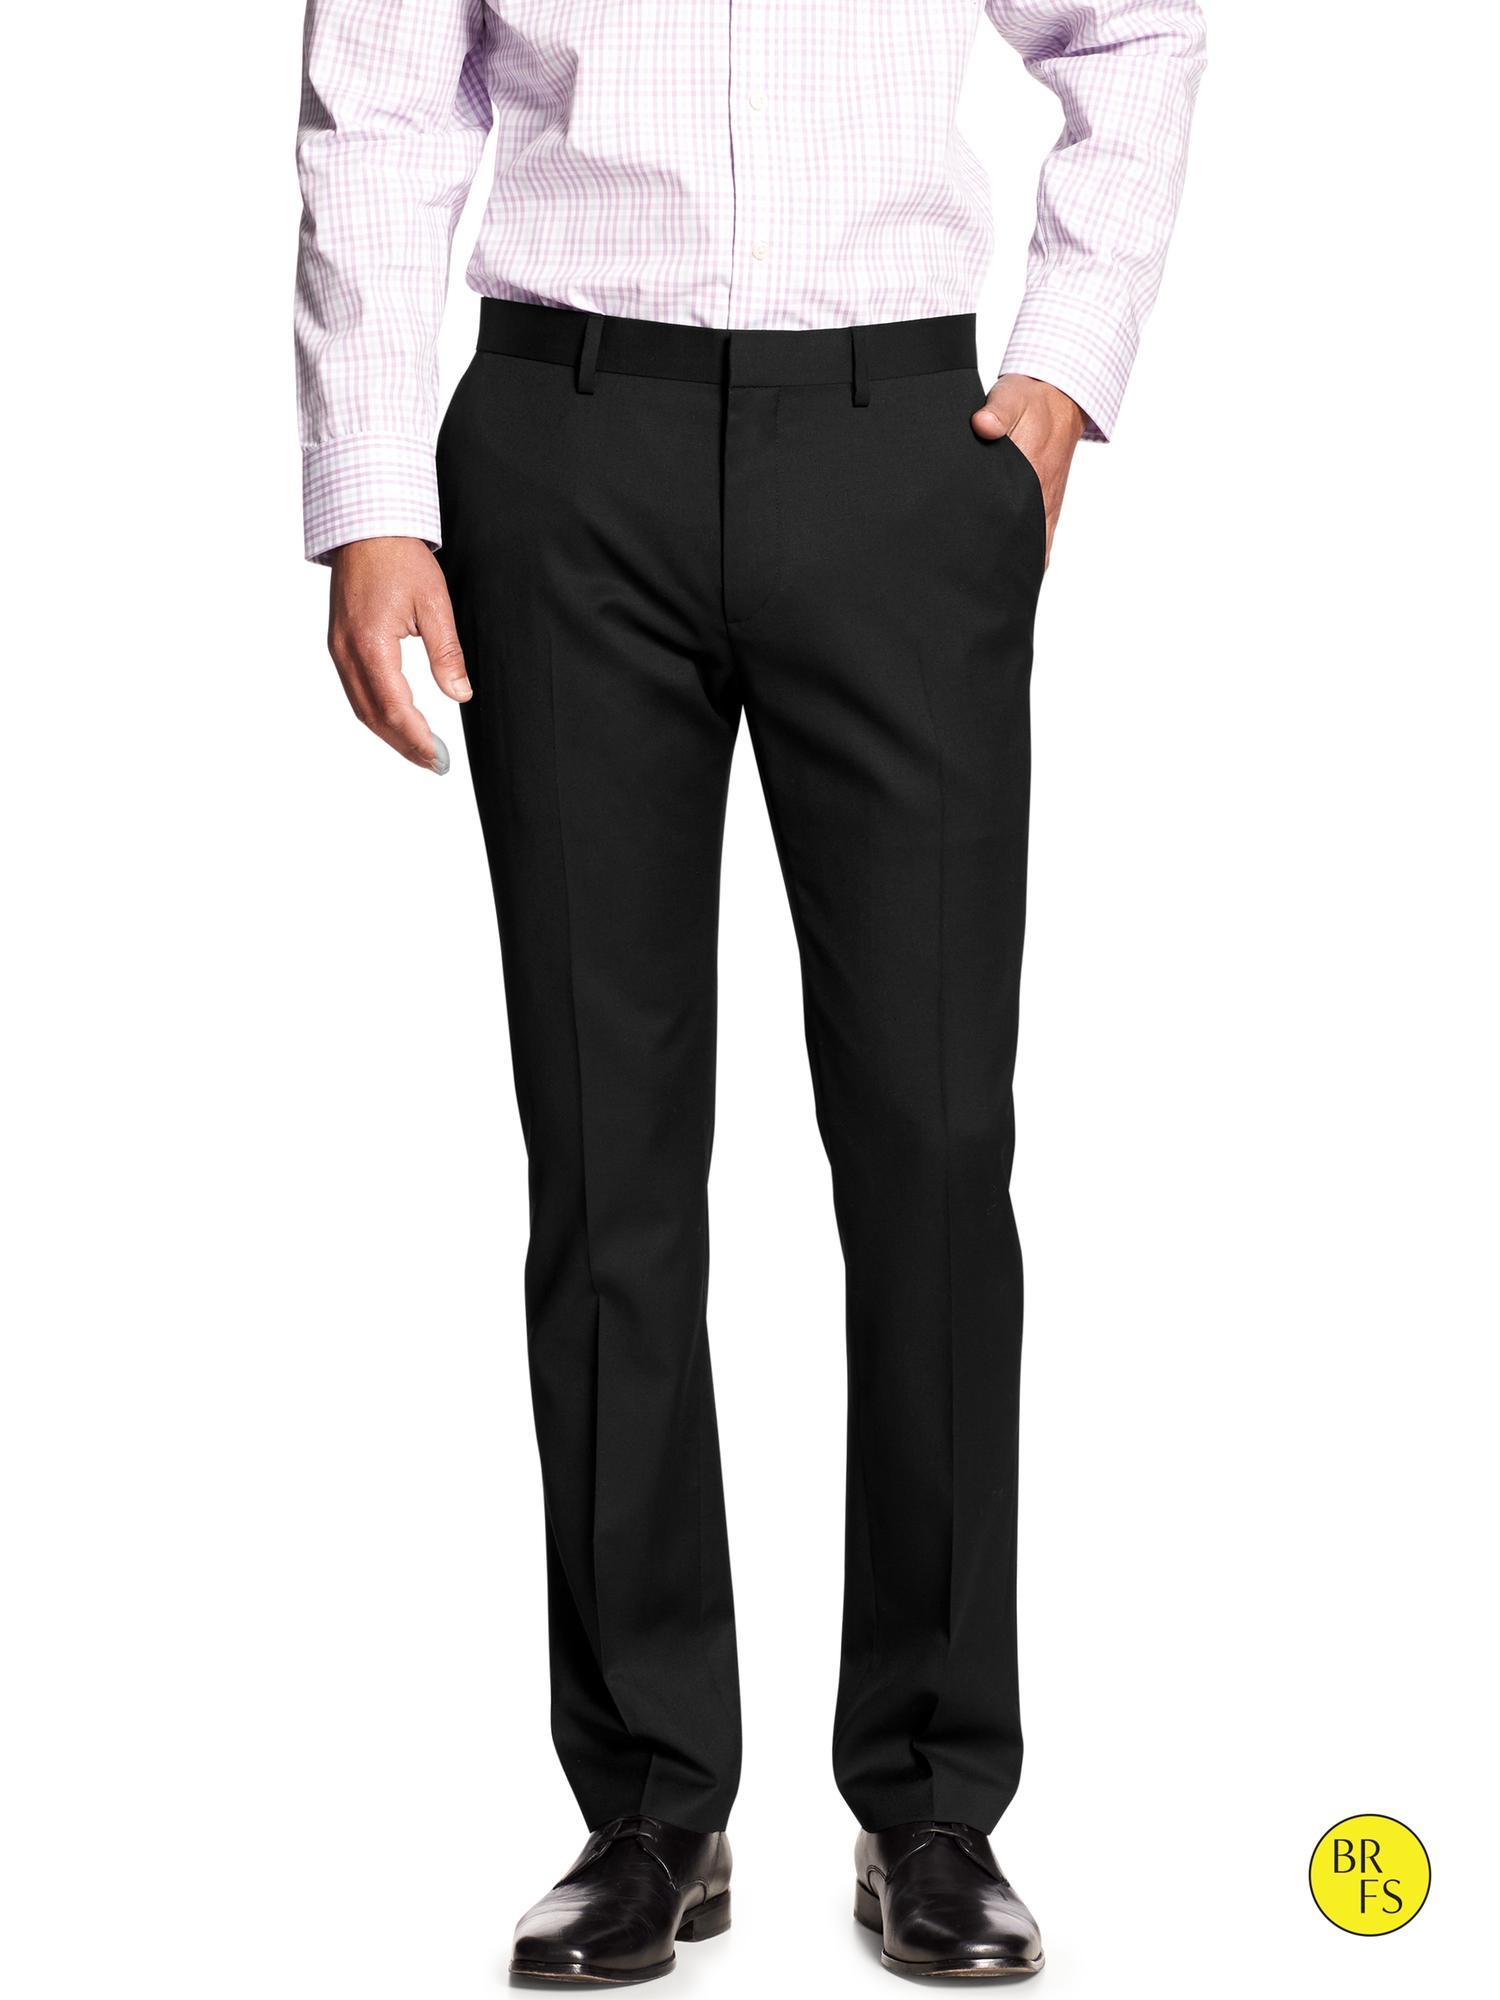 Banana Republic Factory Tailored Slim Fit Pant in Black